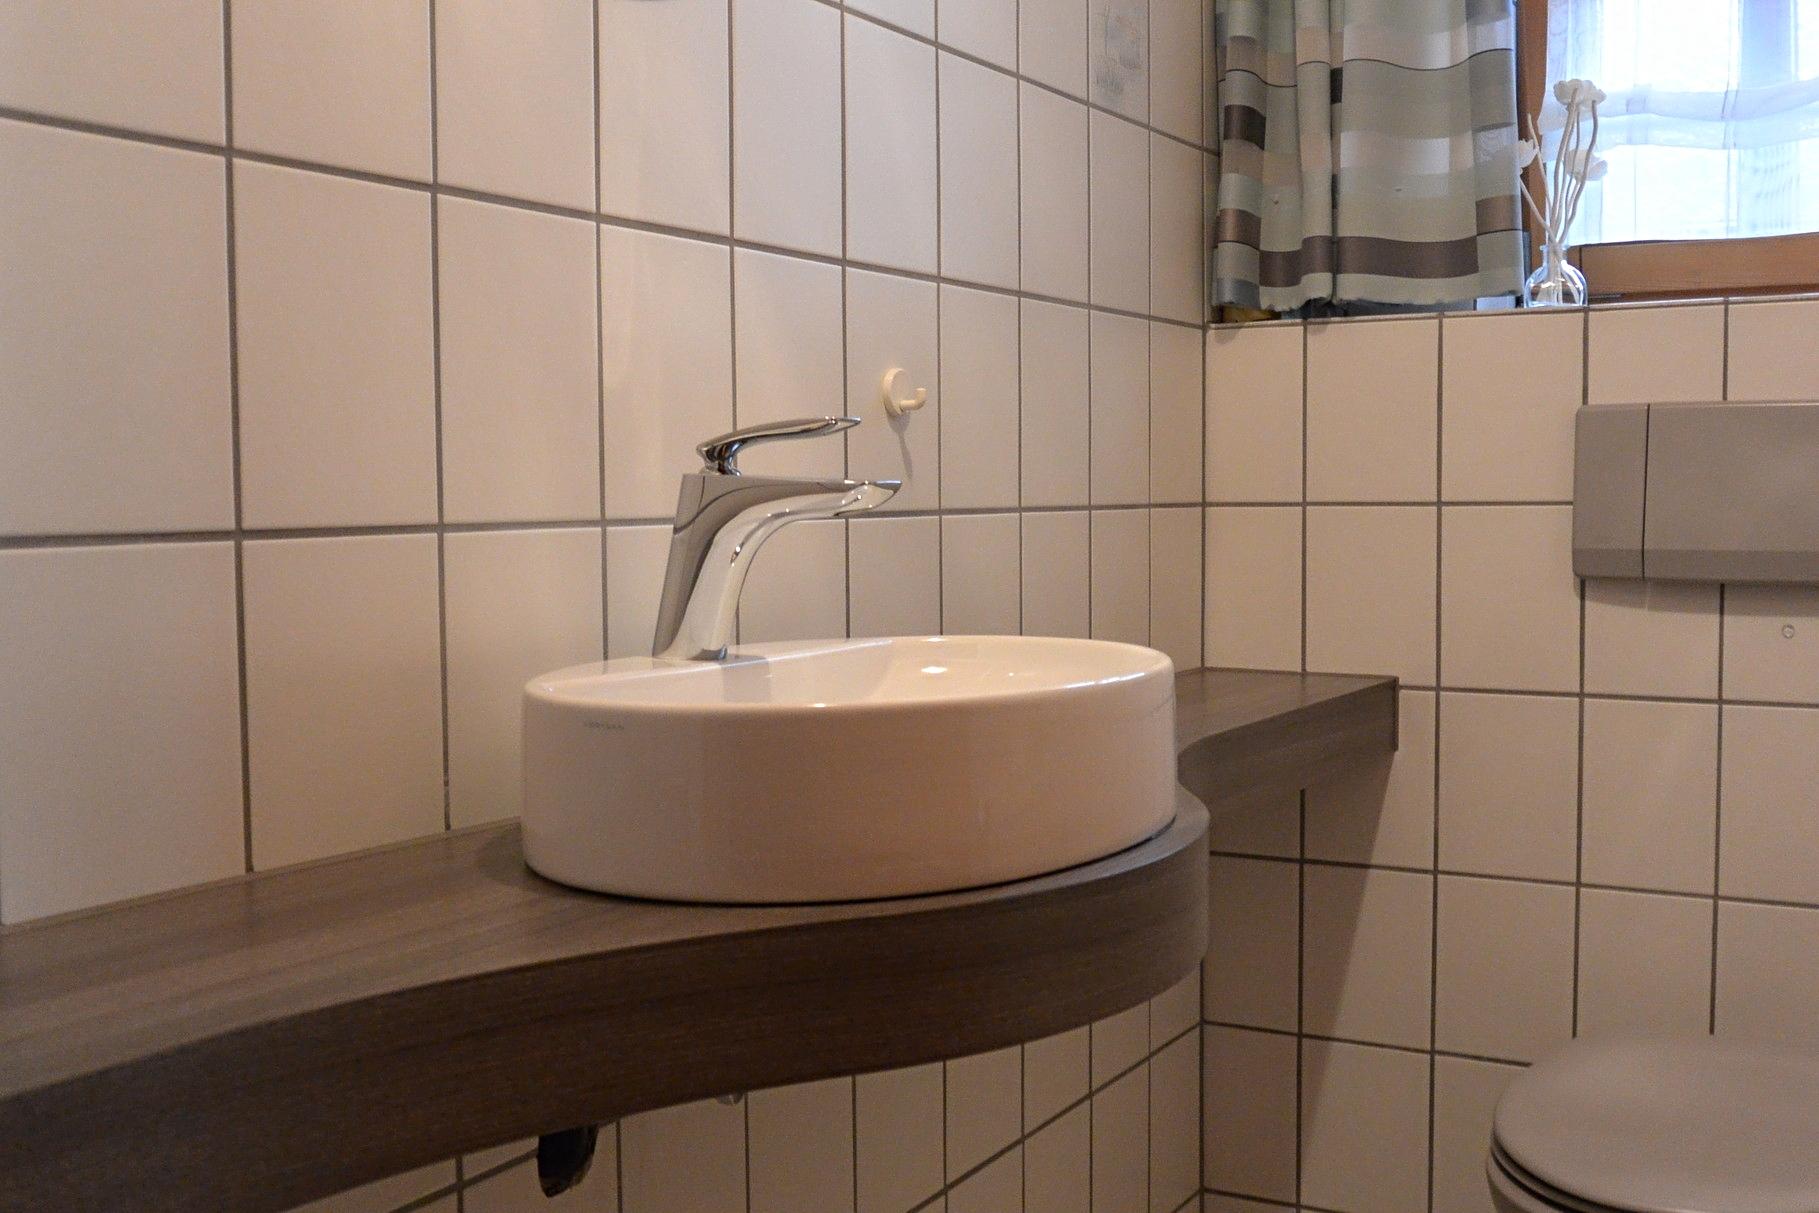 Geschwungene Waschtischkonsole nach Maß für das kleine Gäste WC in Holz-Dekor